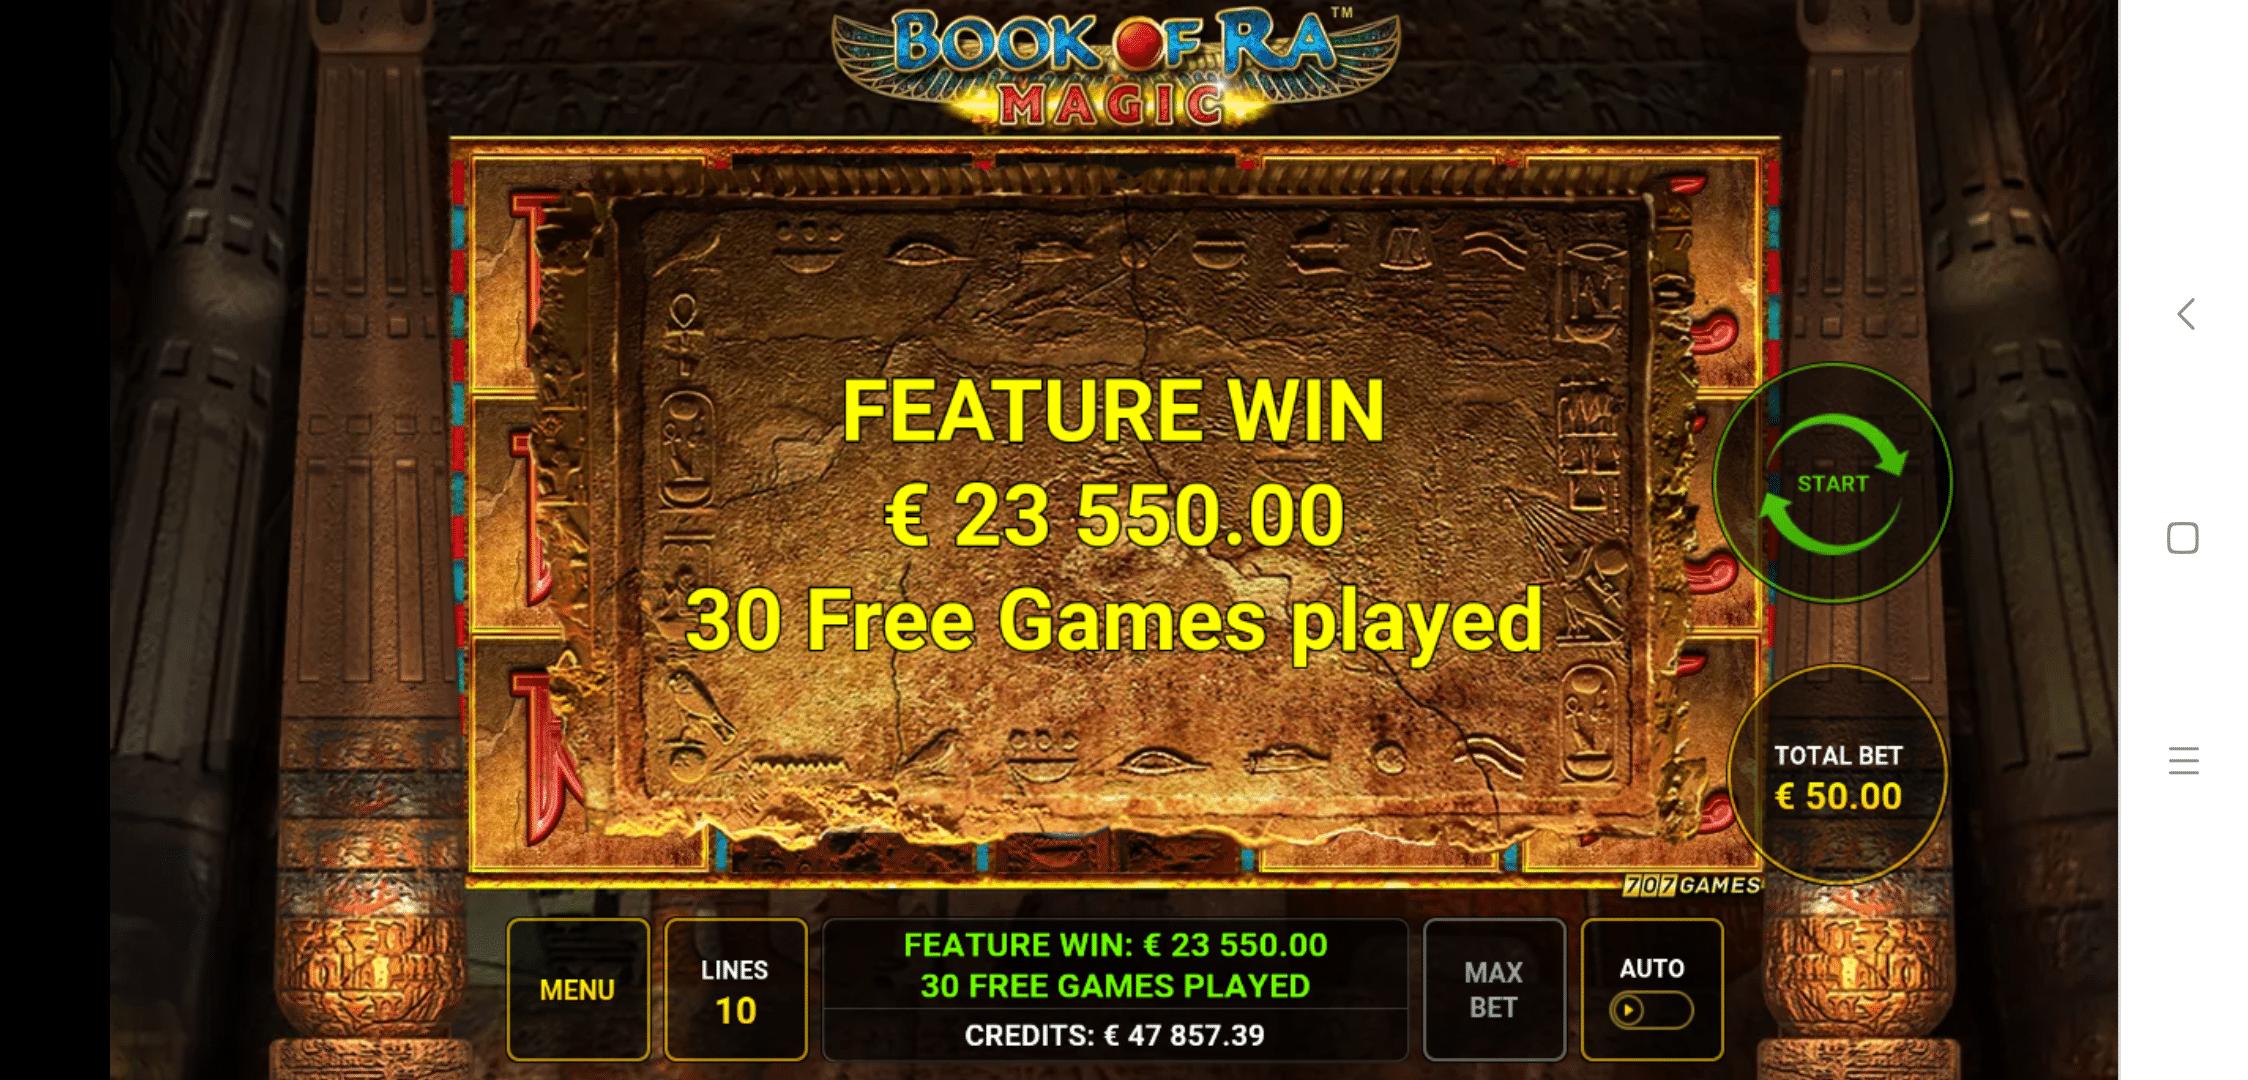 Book Of Ra Magic By Novomatic Big Win Picture